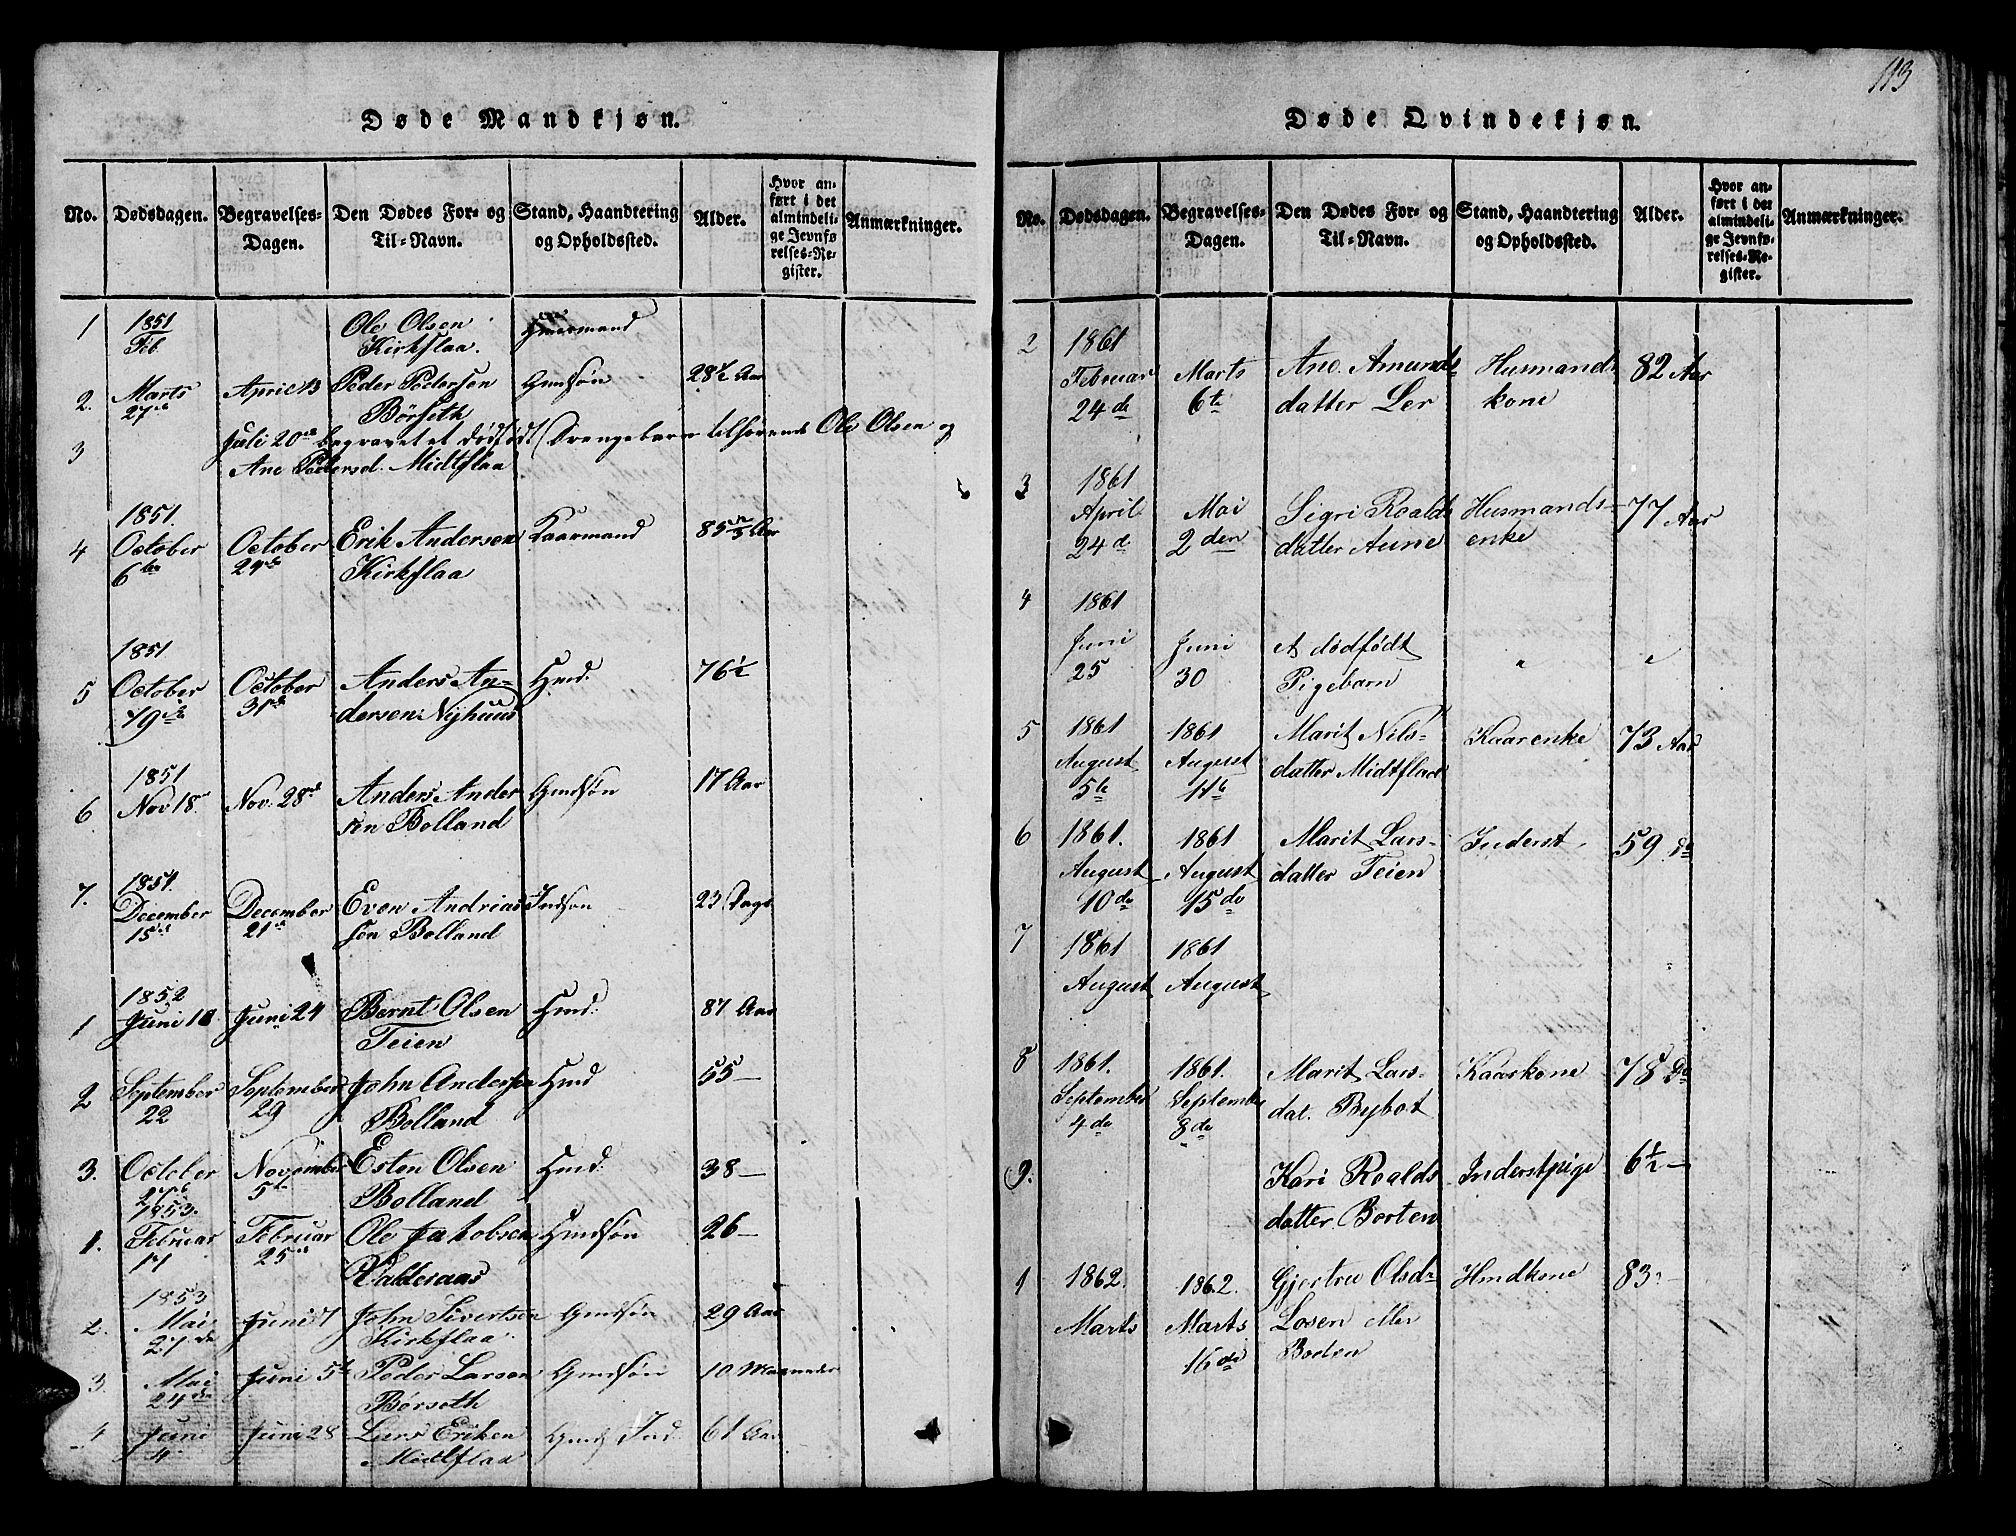 SAT, Ministerialprotokoller, klokkerbøker og fødselsregistre - Sør-Trøndelag, 693/L1121: Klokkerbok nr. 693C02, 1816-1869, s. 113